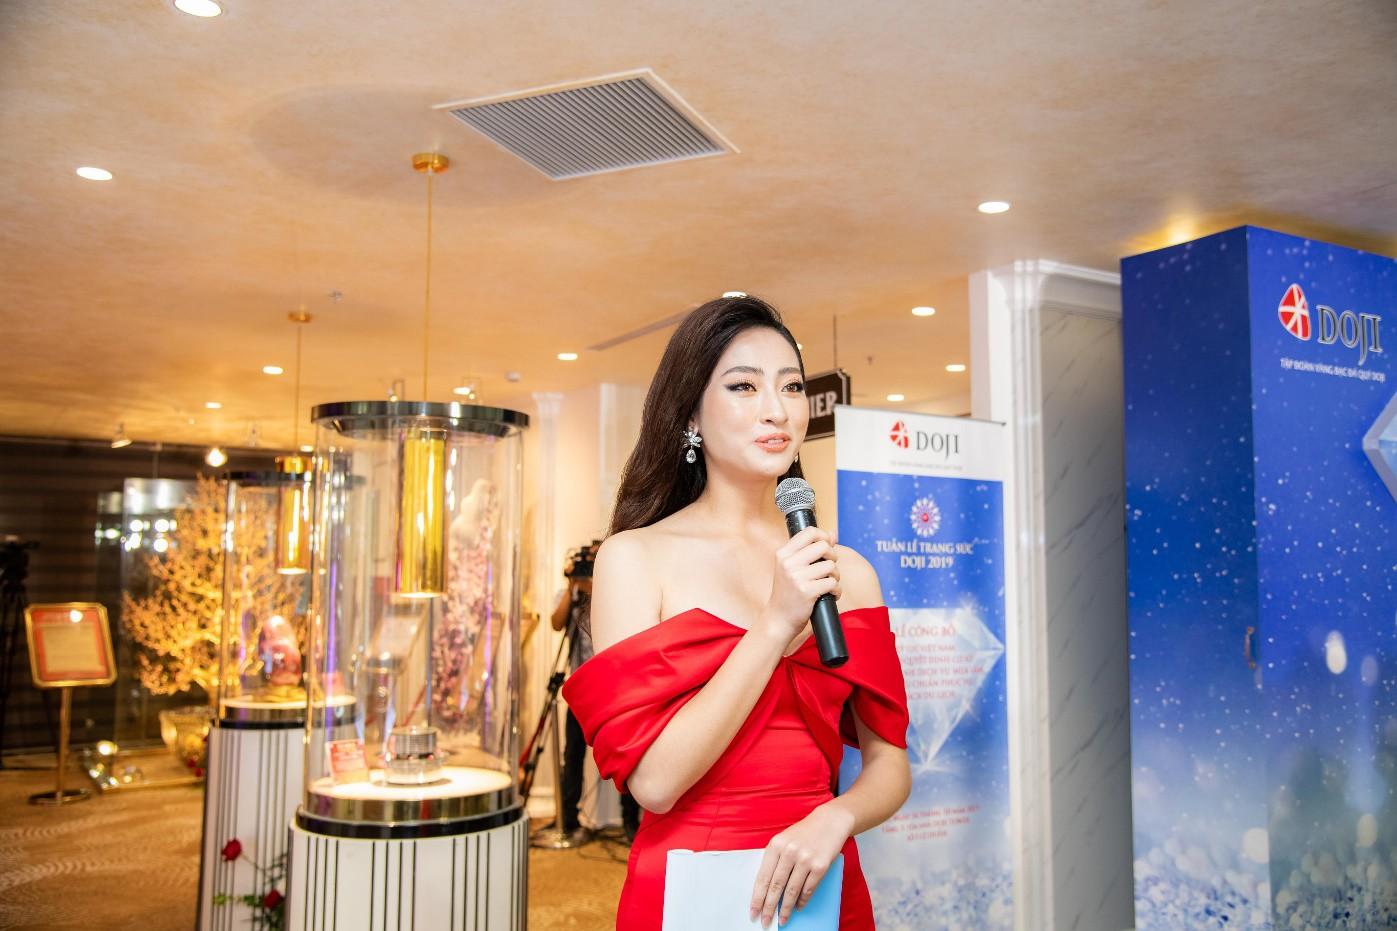 Hoa hậu Lương Thùy Linh rạng rỡ bên những bảo vật kỷ lục của DOJI - Ảnh 1.